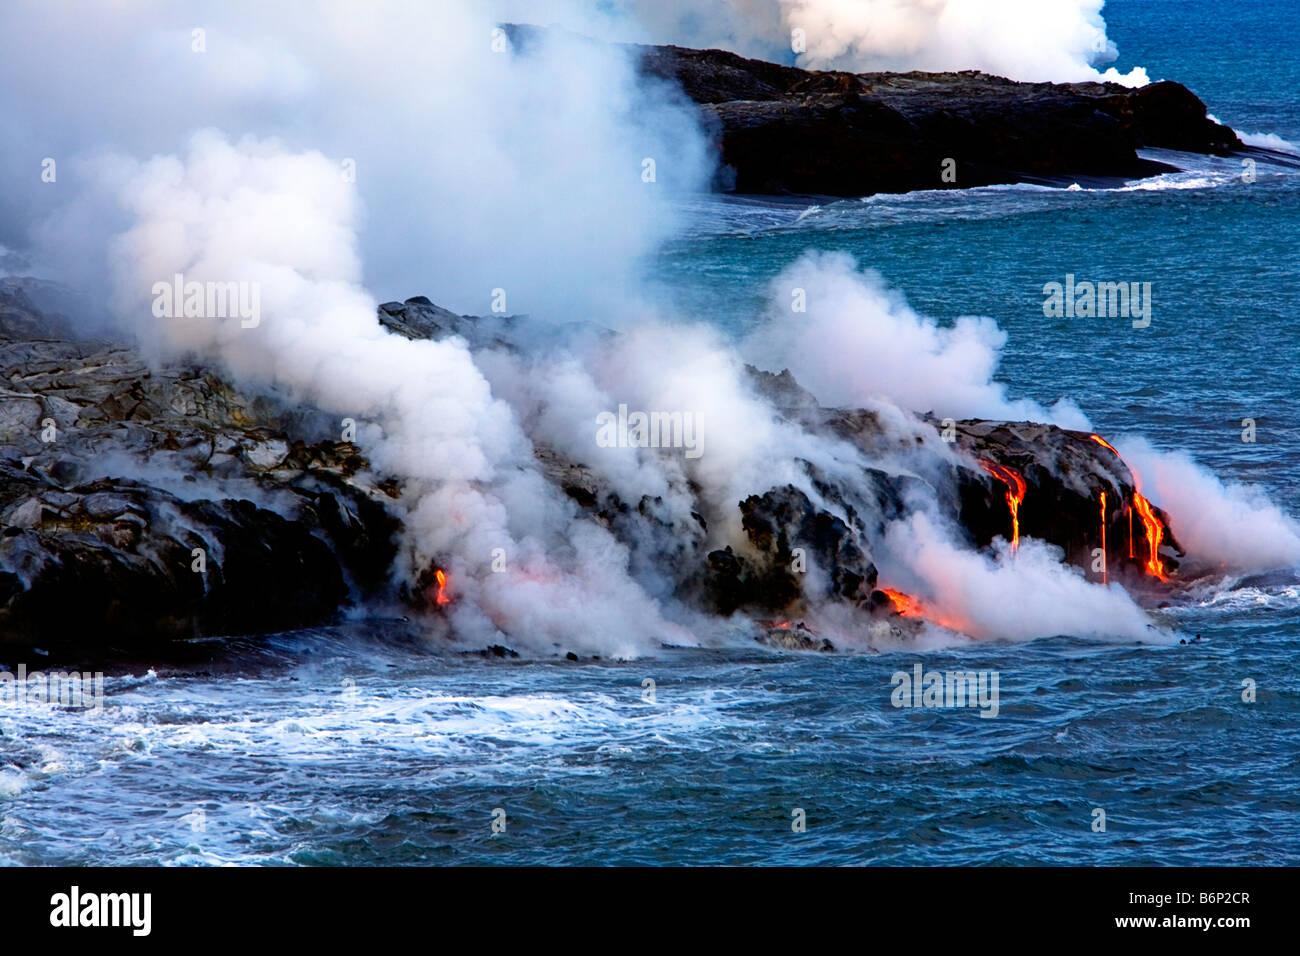 Bild der geschmolzene Lava fließt den Berg hinunter und ins Meer während Dampf steigt rund um Stockfoto